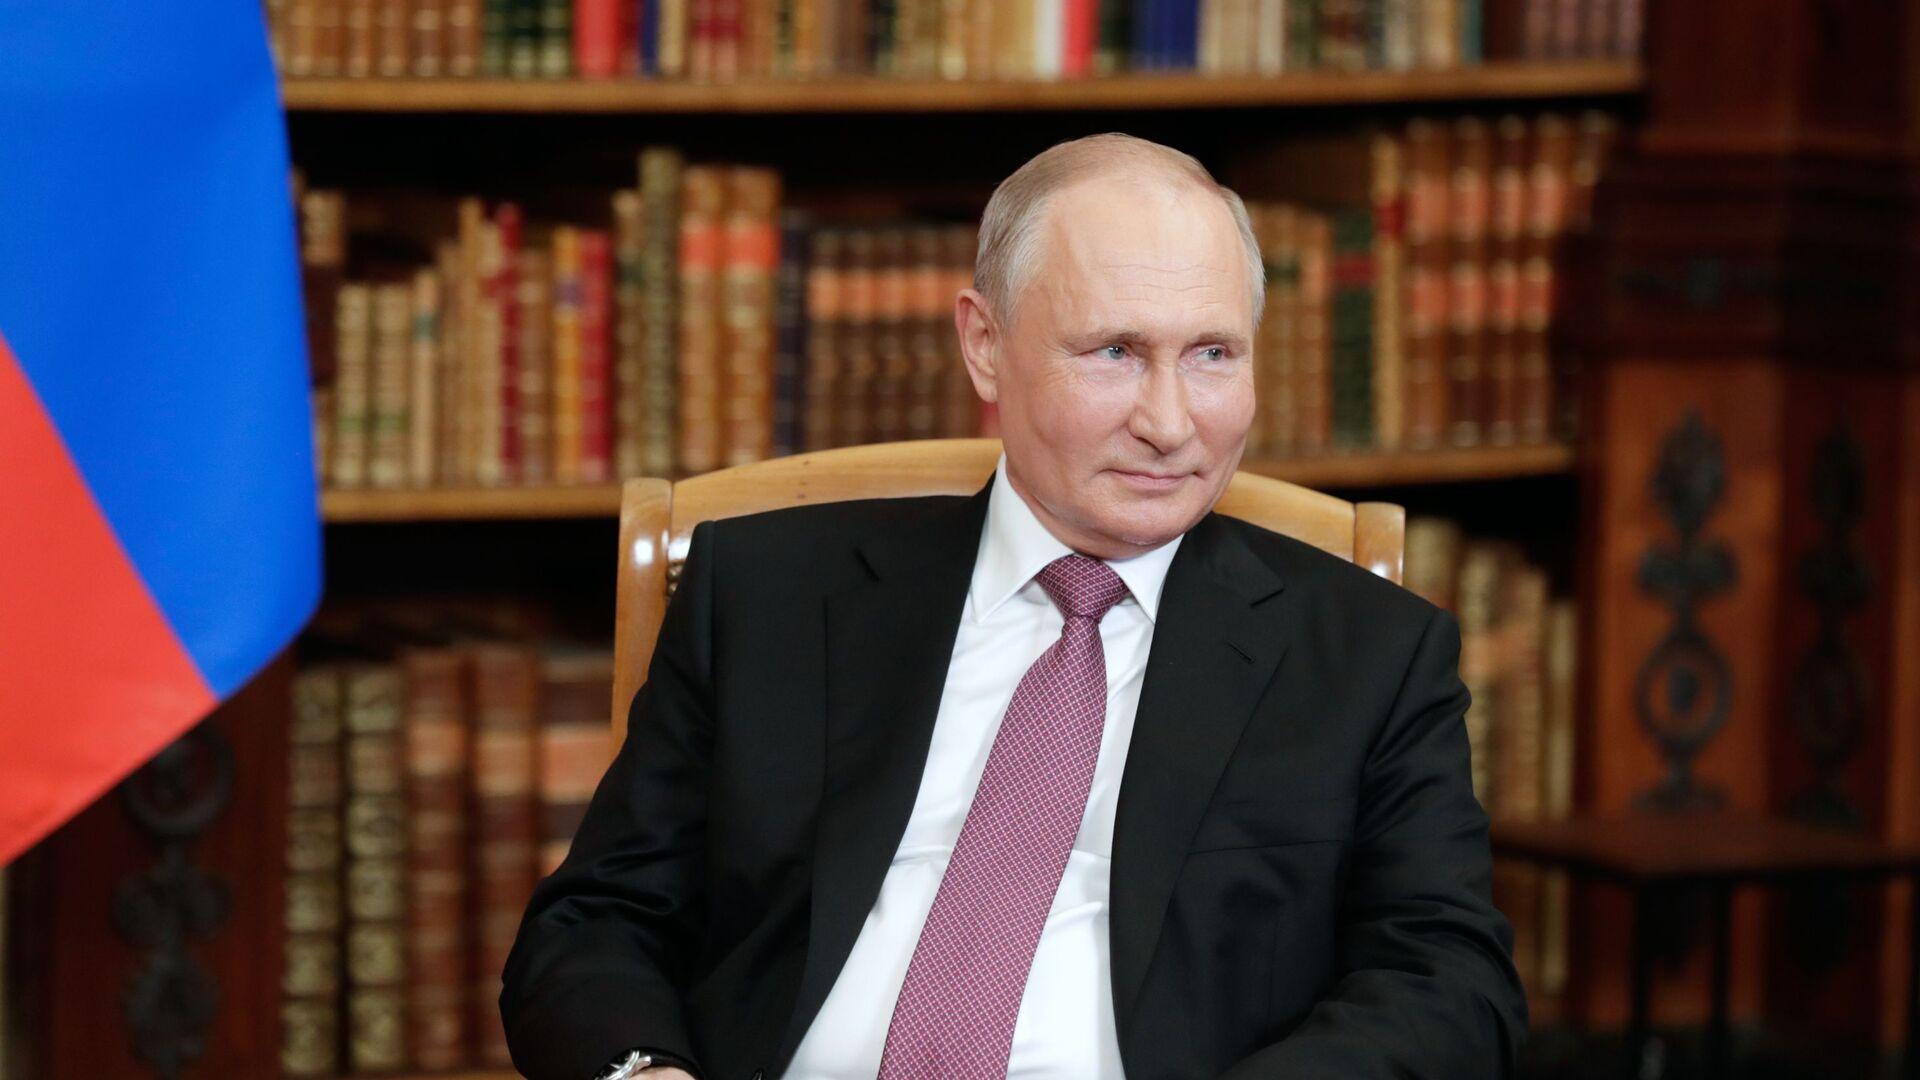 Prezydent Rosji Władimir Putin w Genewie - Sputnik Polska, 1920, 23.06.2021